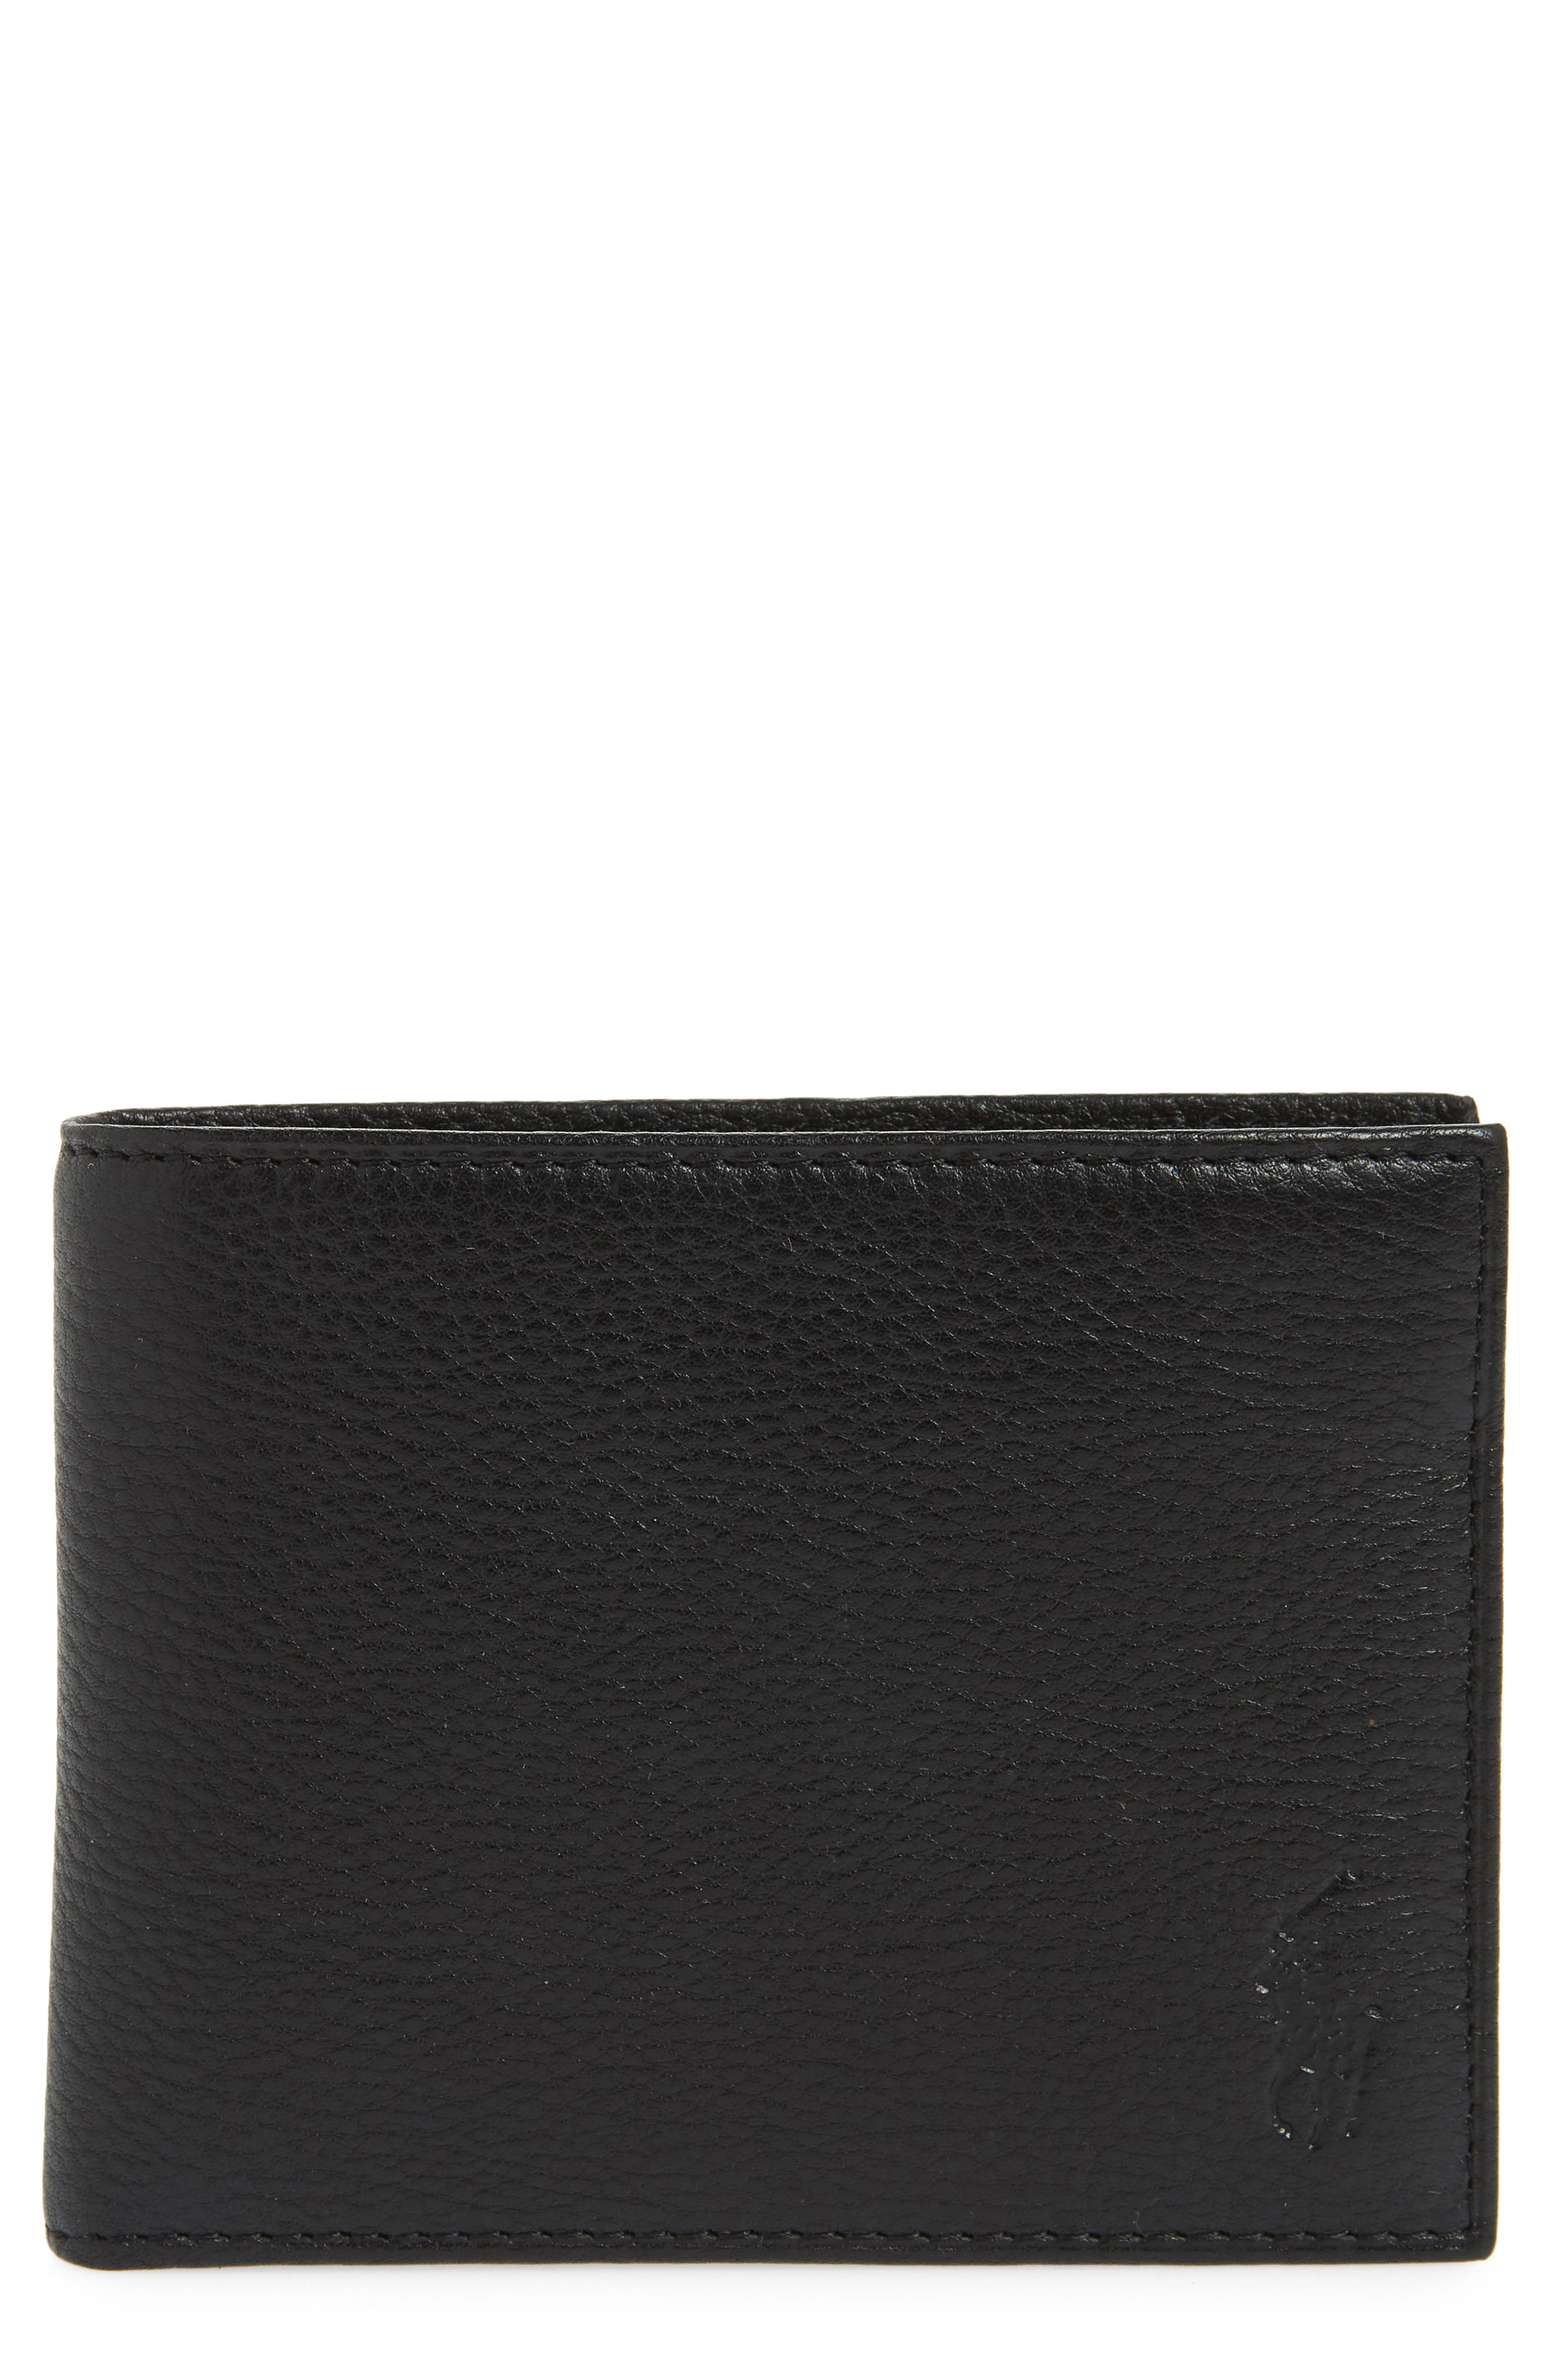 POLO RALPH LAUREN, Leather Passcase Wallet, Main thumbnail 1, color, BLACK